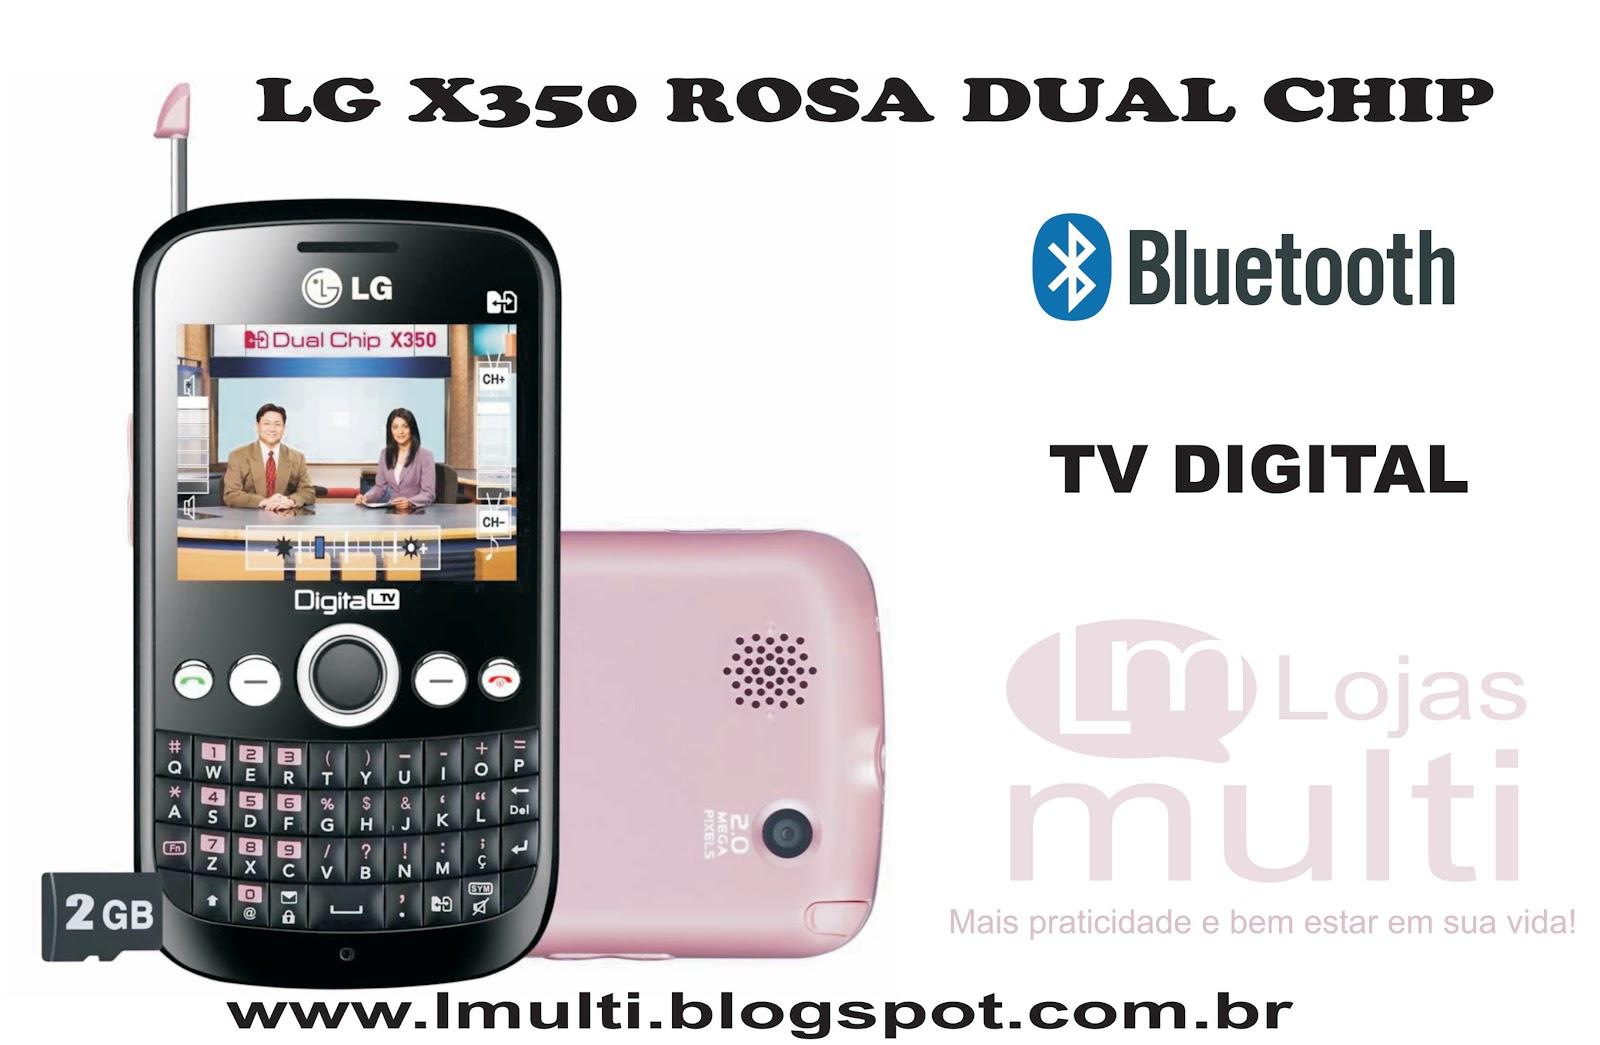 imagens para celular lg x350 - Celulares LG X350 ROSA Compre Online Girafa